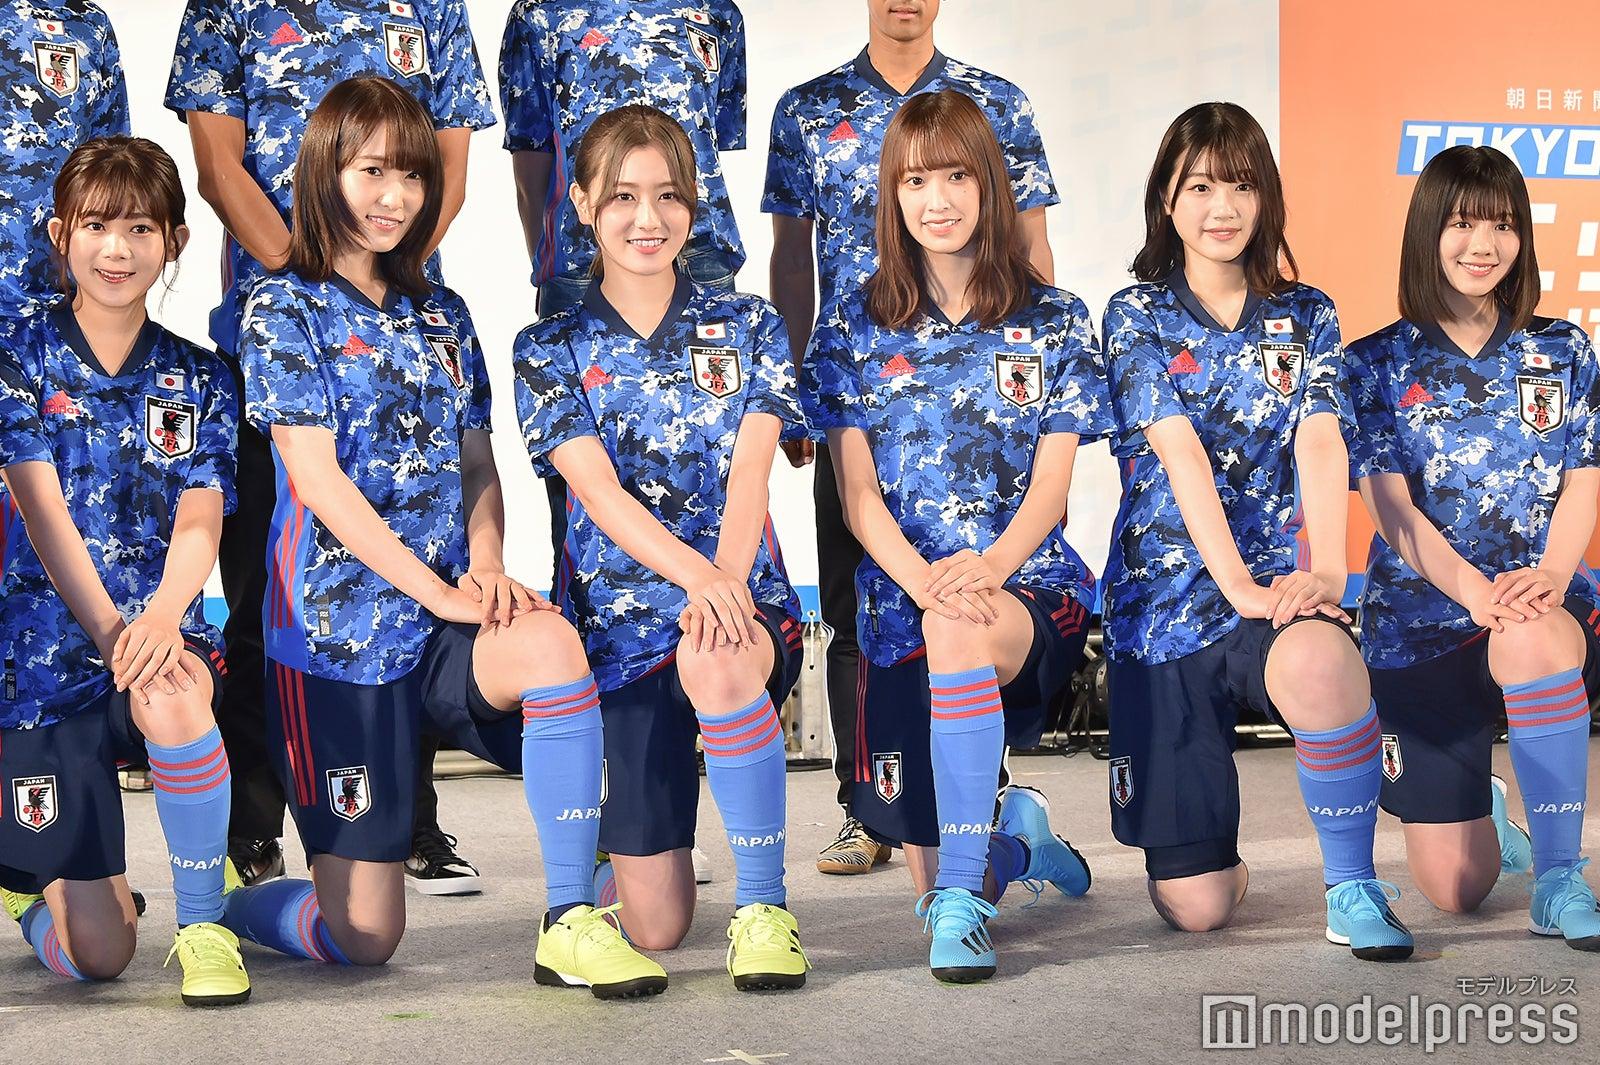 「普段より脚見せ」欅坂46&日向坂46がサッカー日本代表新ユニホーム姿を披露!佐々木久美「久保選手がカッコいい」